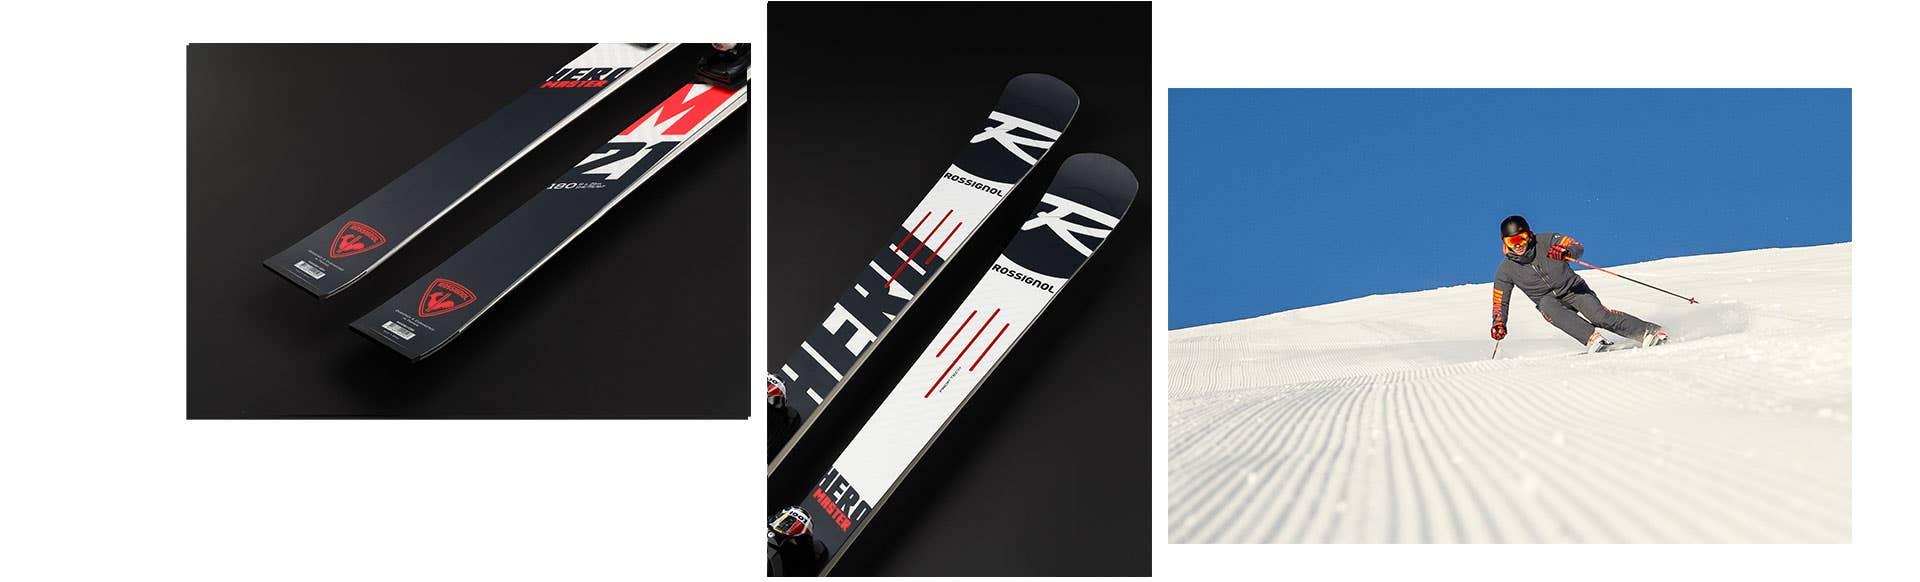 Master skis